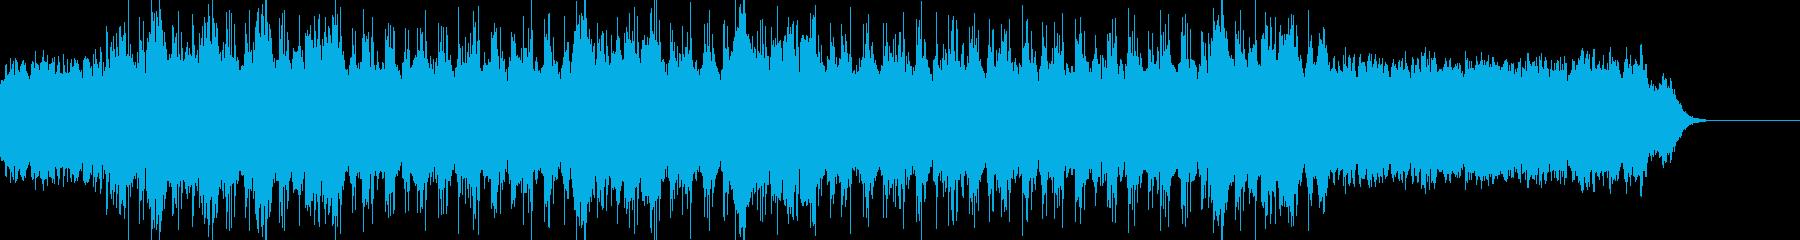 心が浄化されるようなアンビエント曲の再生済みの波形